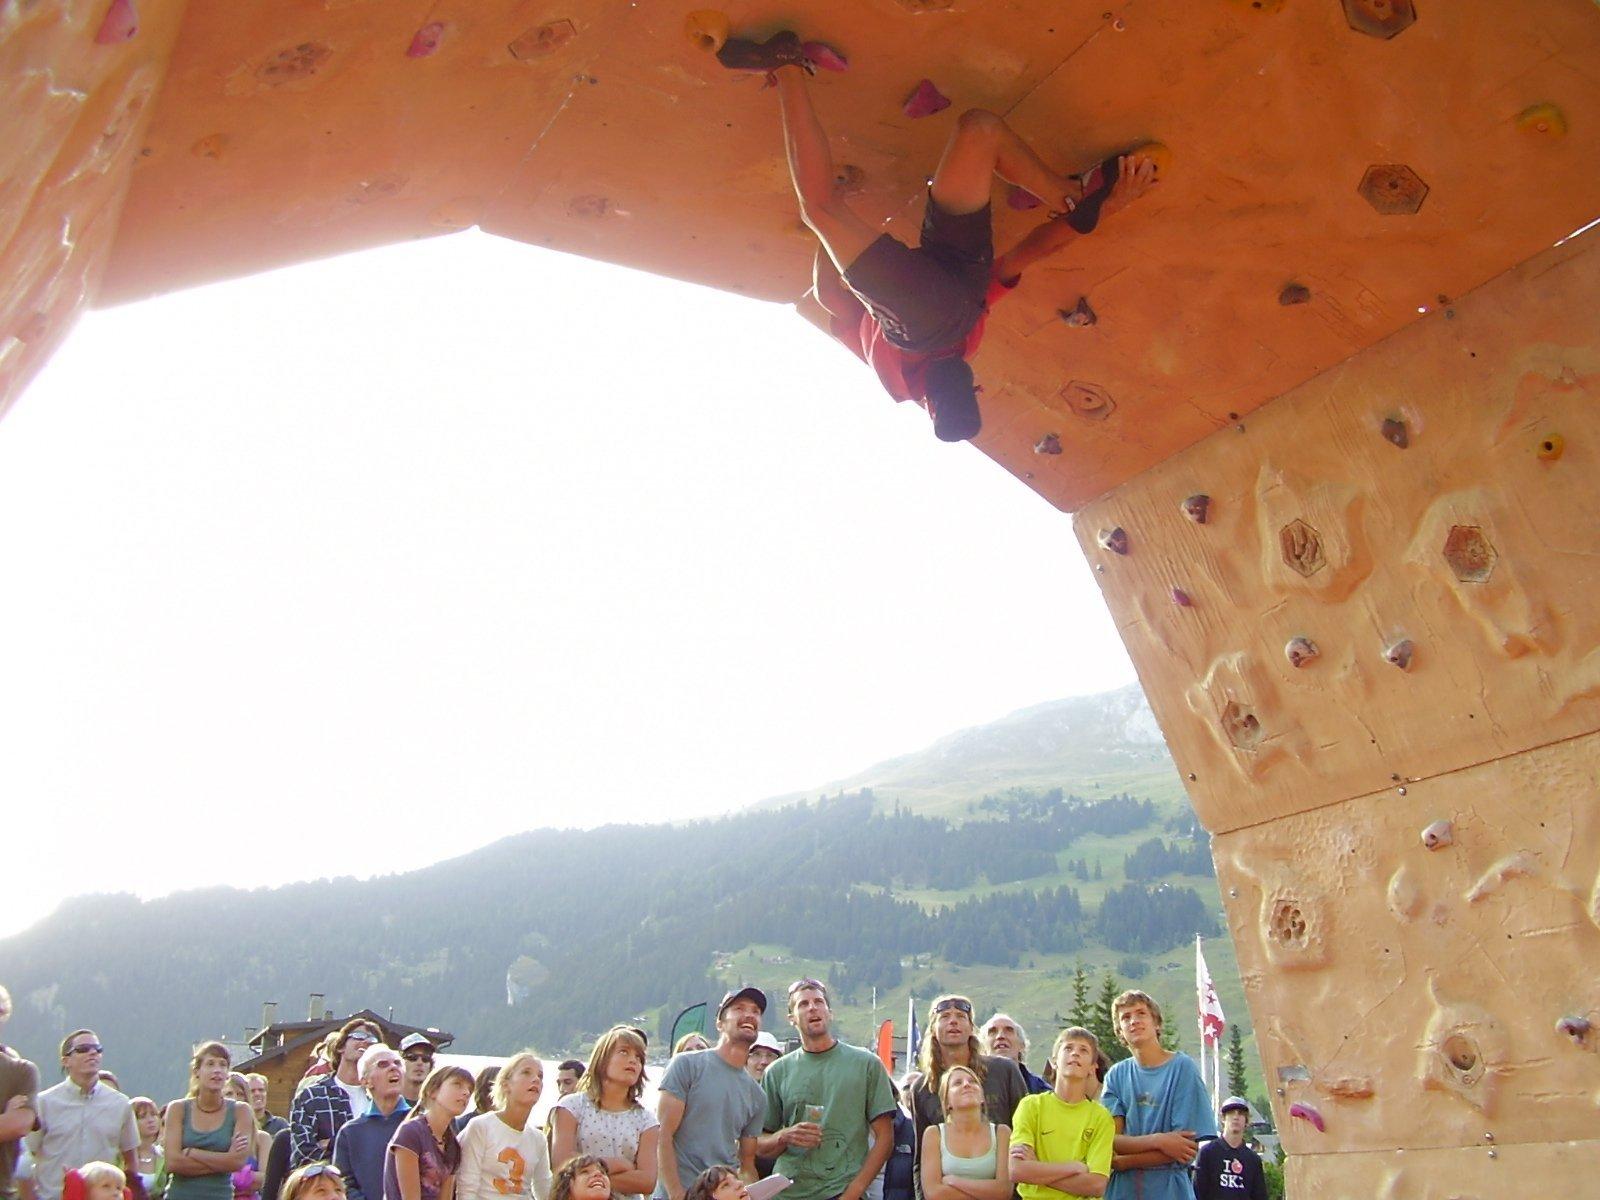 Arche escalade